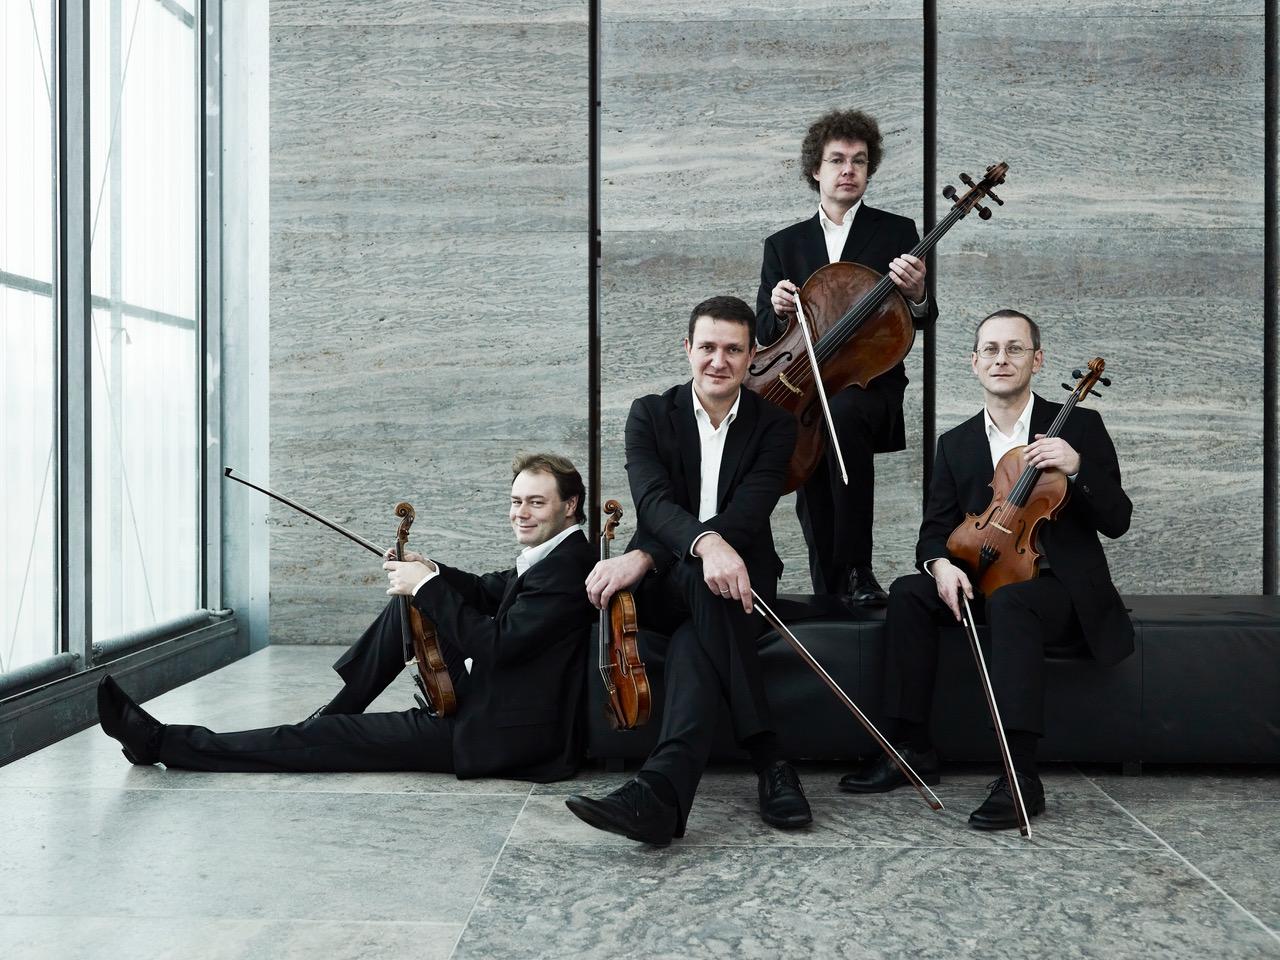 El Leipzig String Quartet En El Festival De Cadaqués